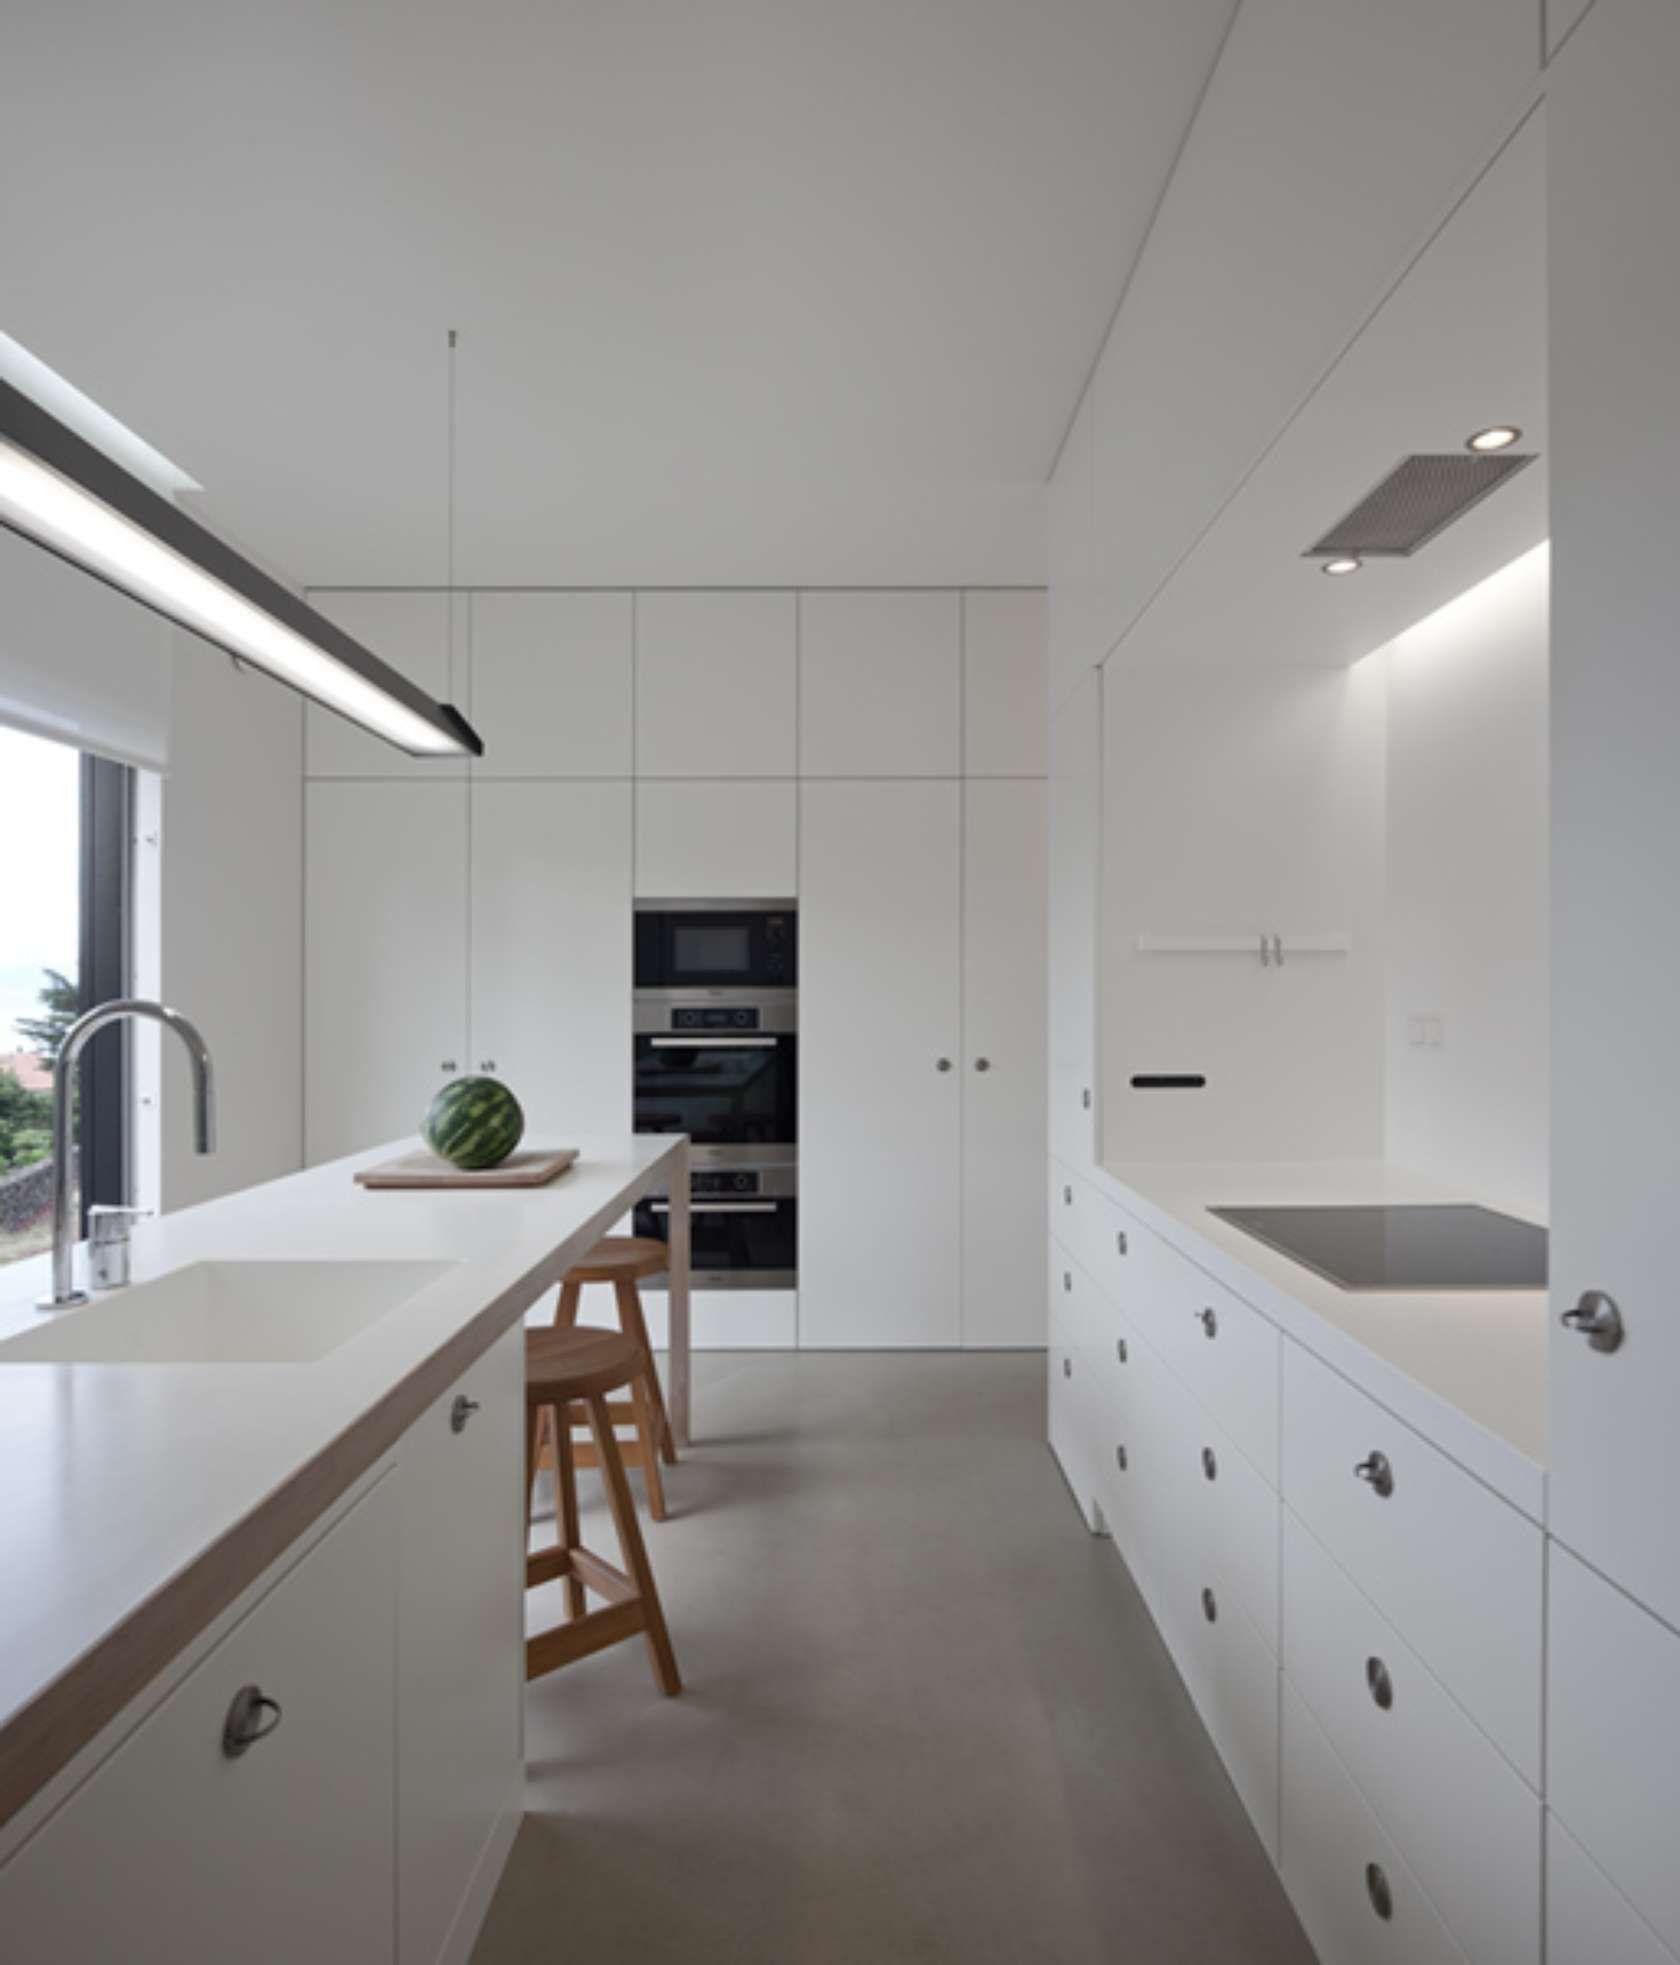 Charmant Beste Küchendesign Für Niedrigen Decken Ideen Küche Set Ideen .